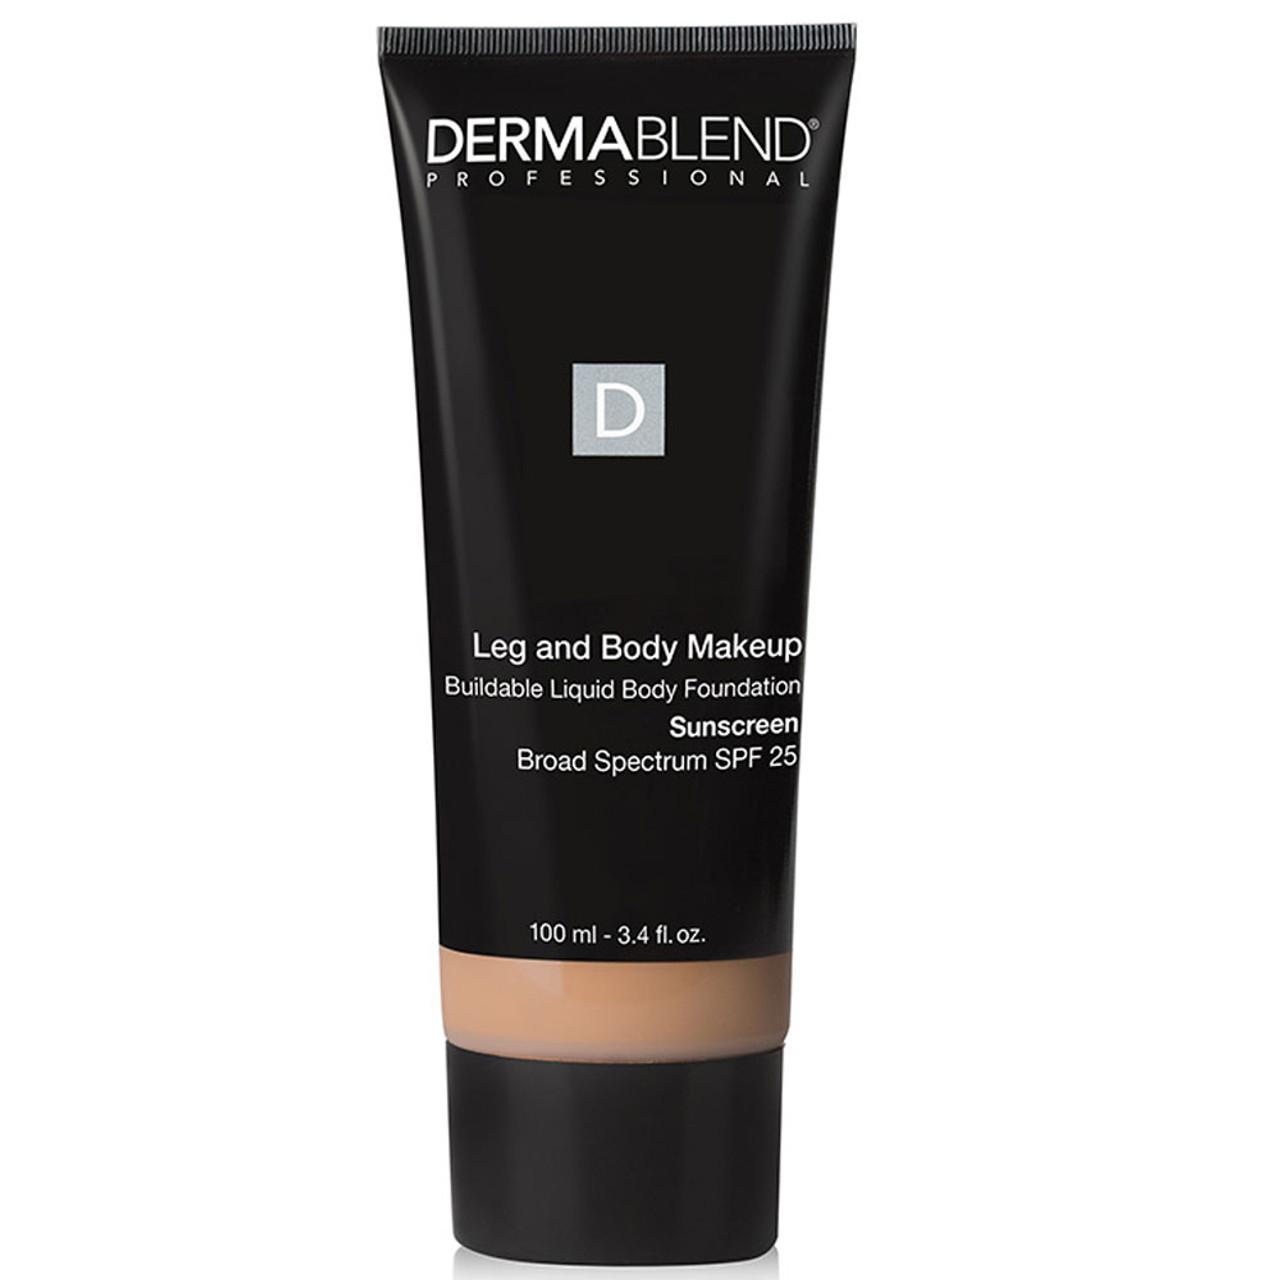 Dermablend Leg & Body Makeup